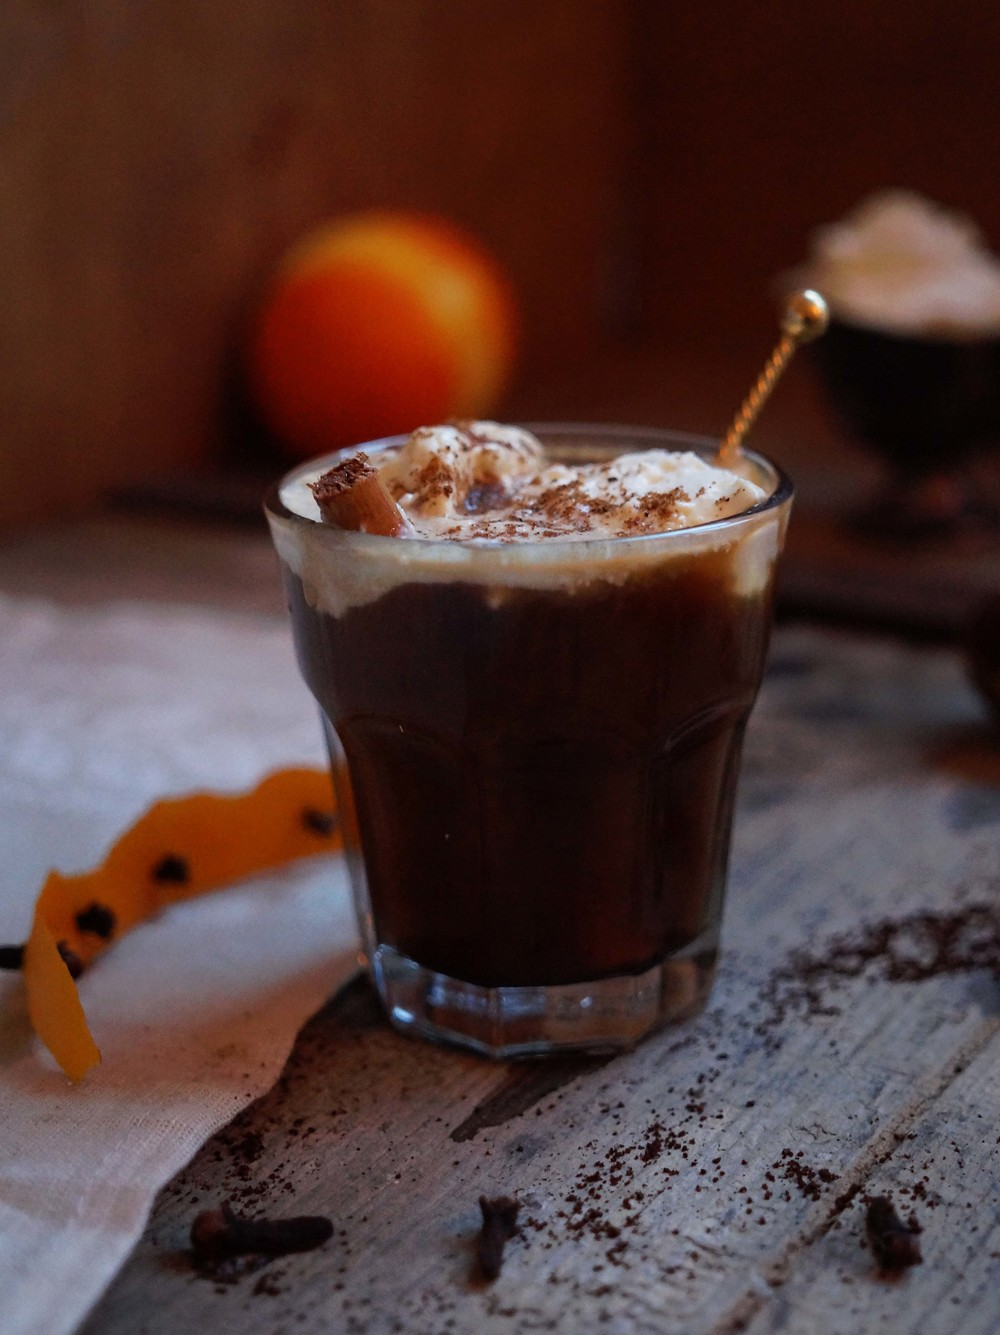 Café 'Brulot' - geflambeerde koffie met sinaasappel & specerijen